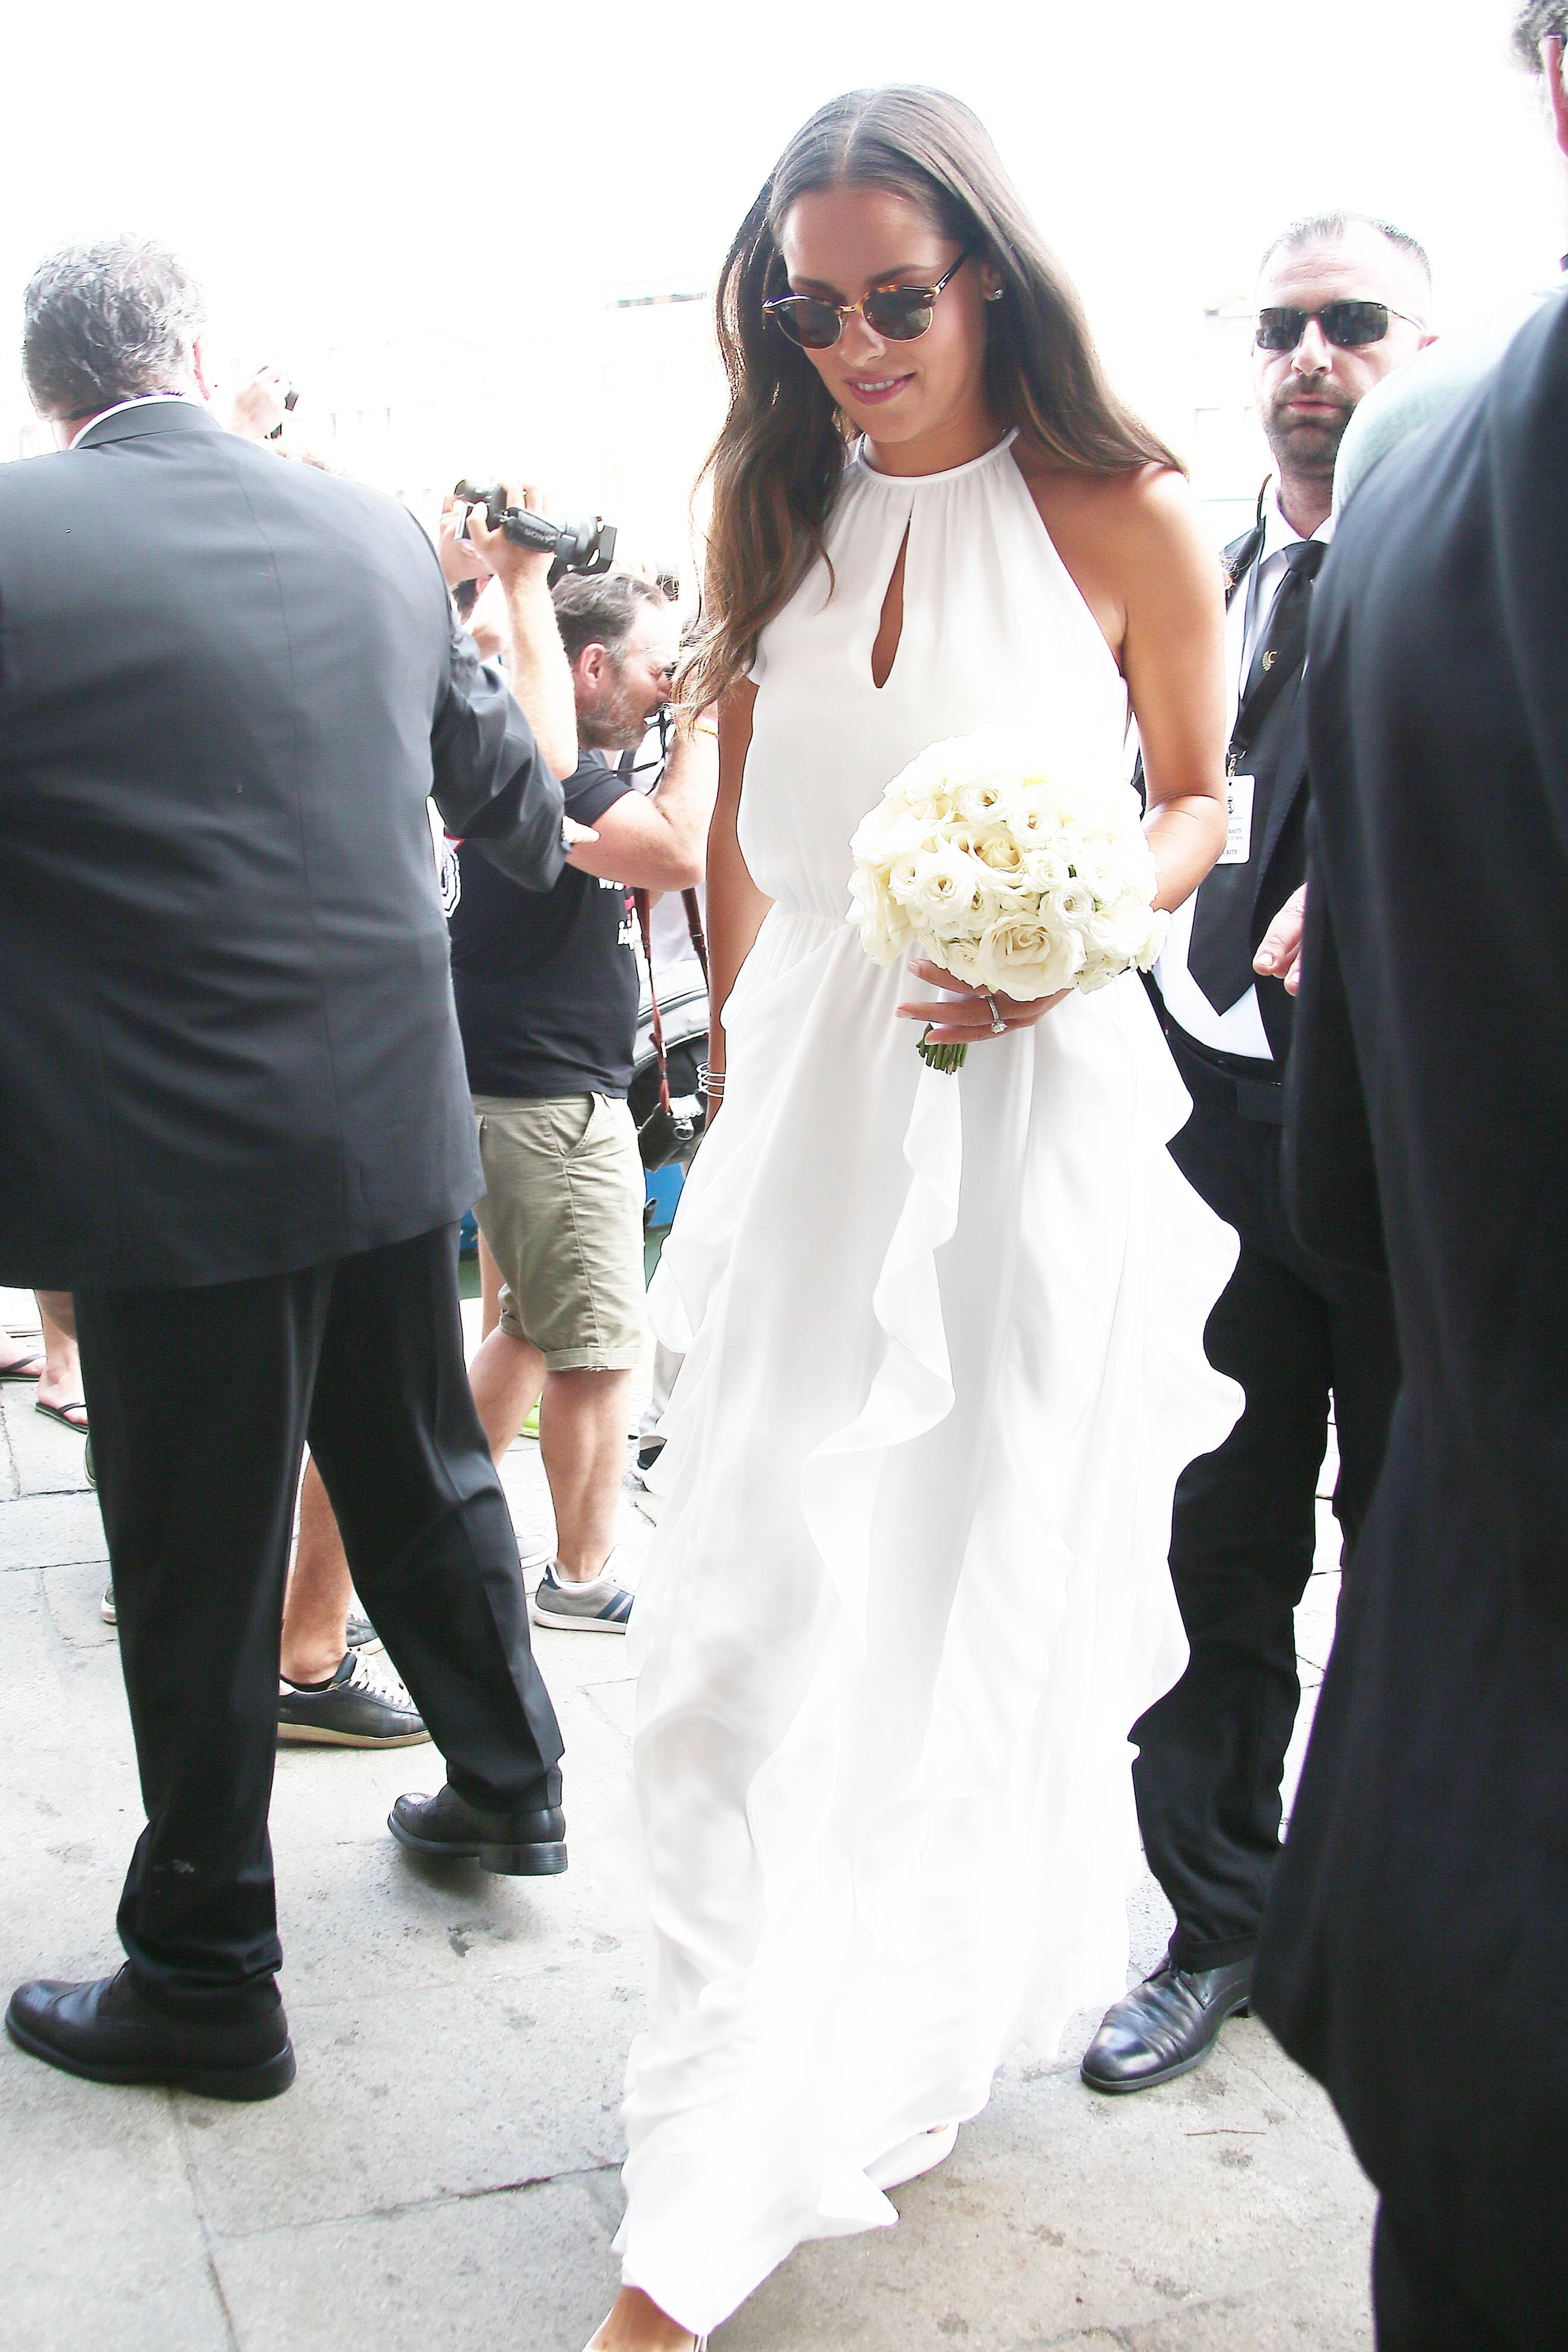 Bilder Hochzeit Schweinsteiger